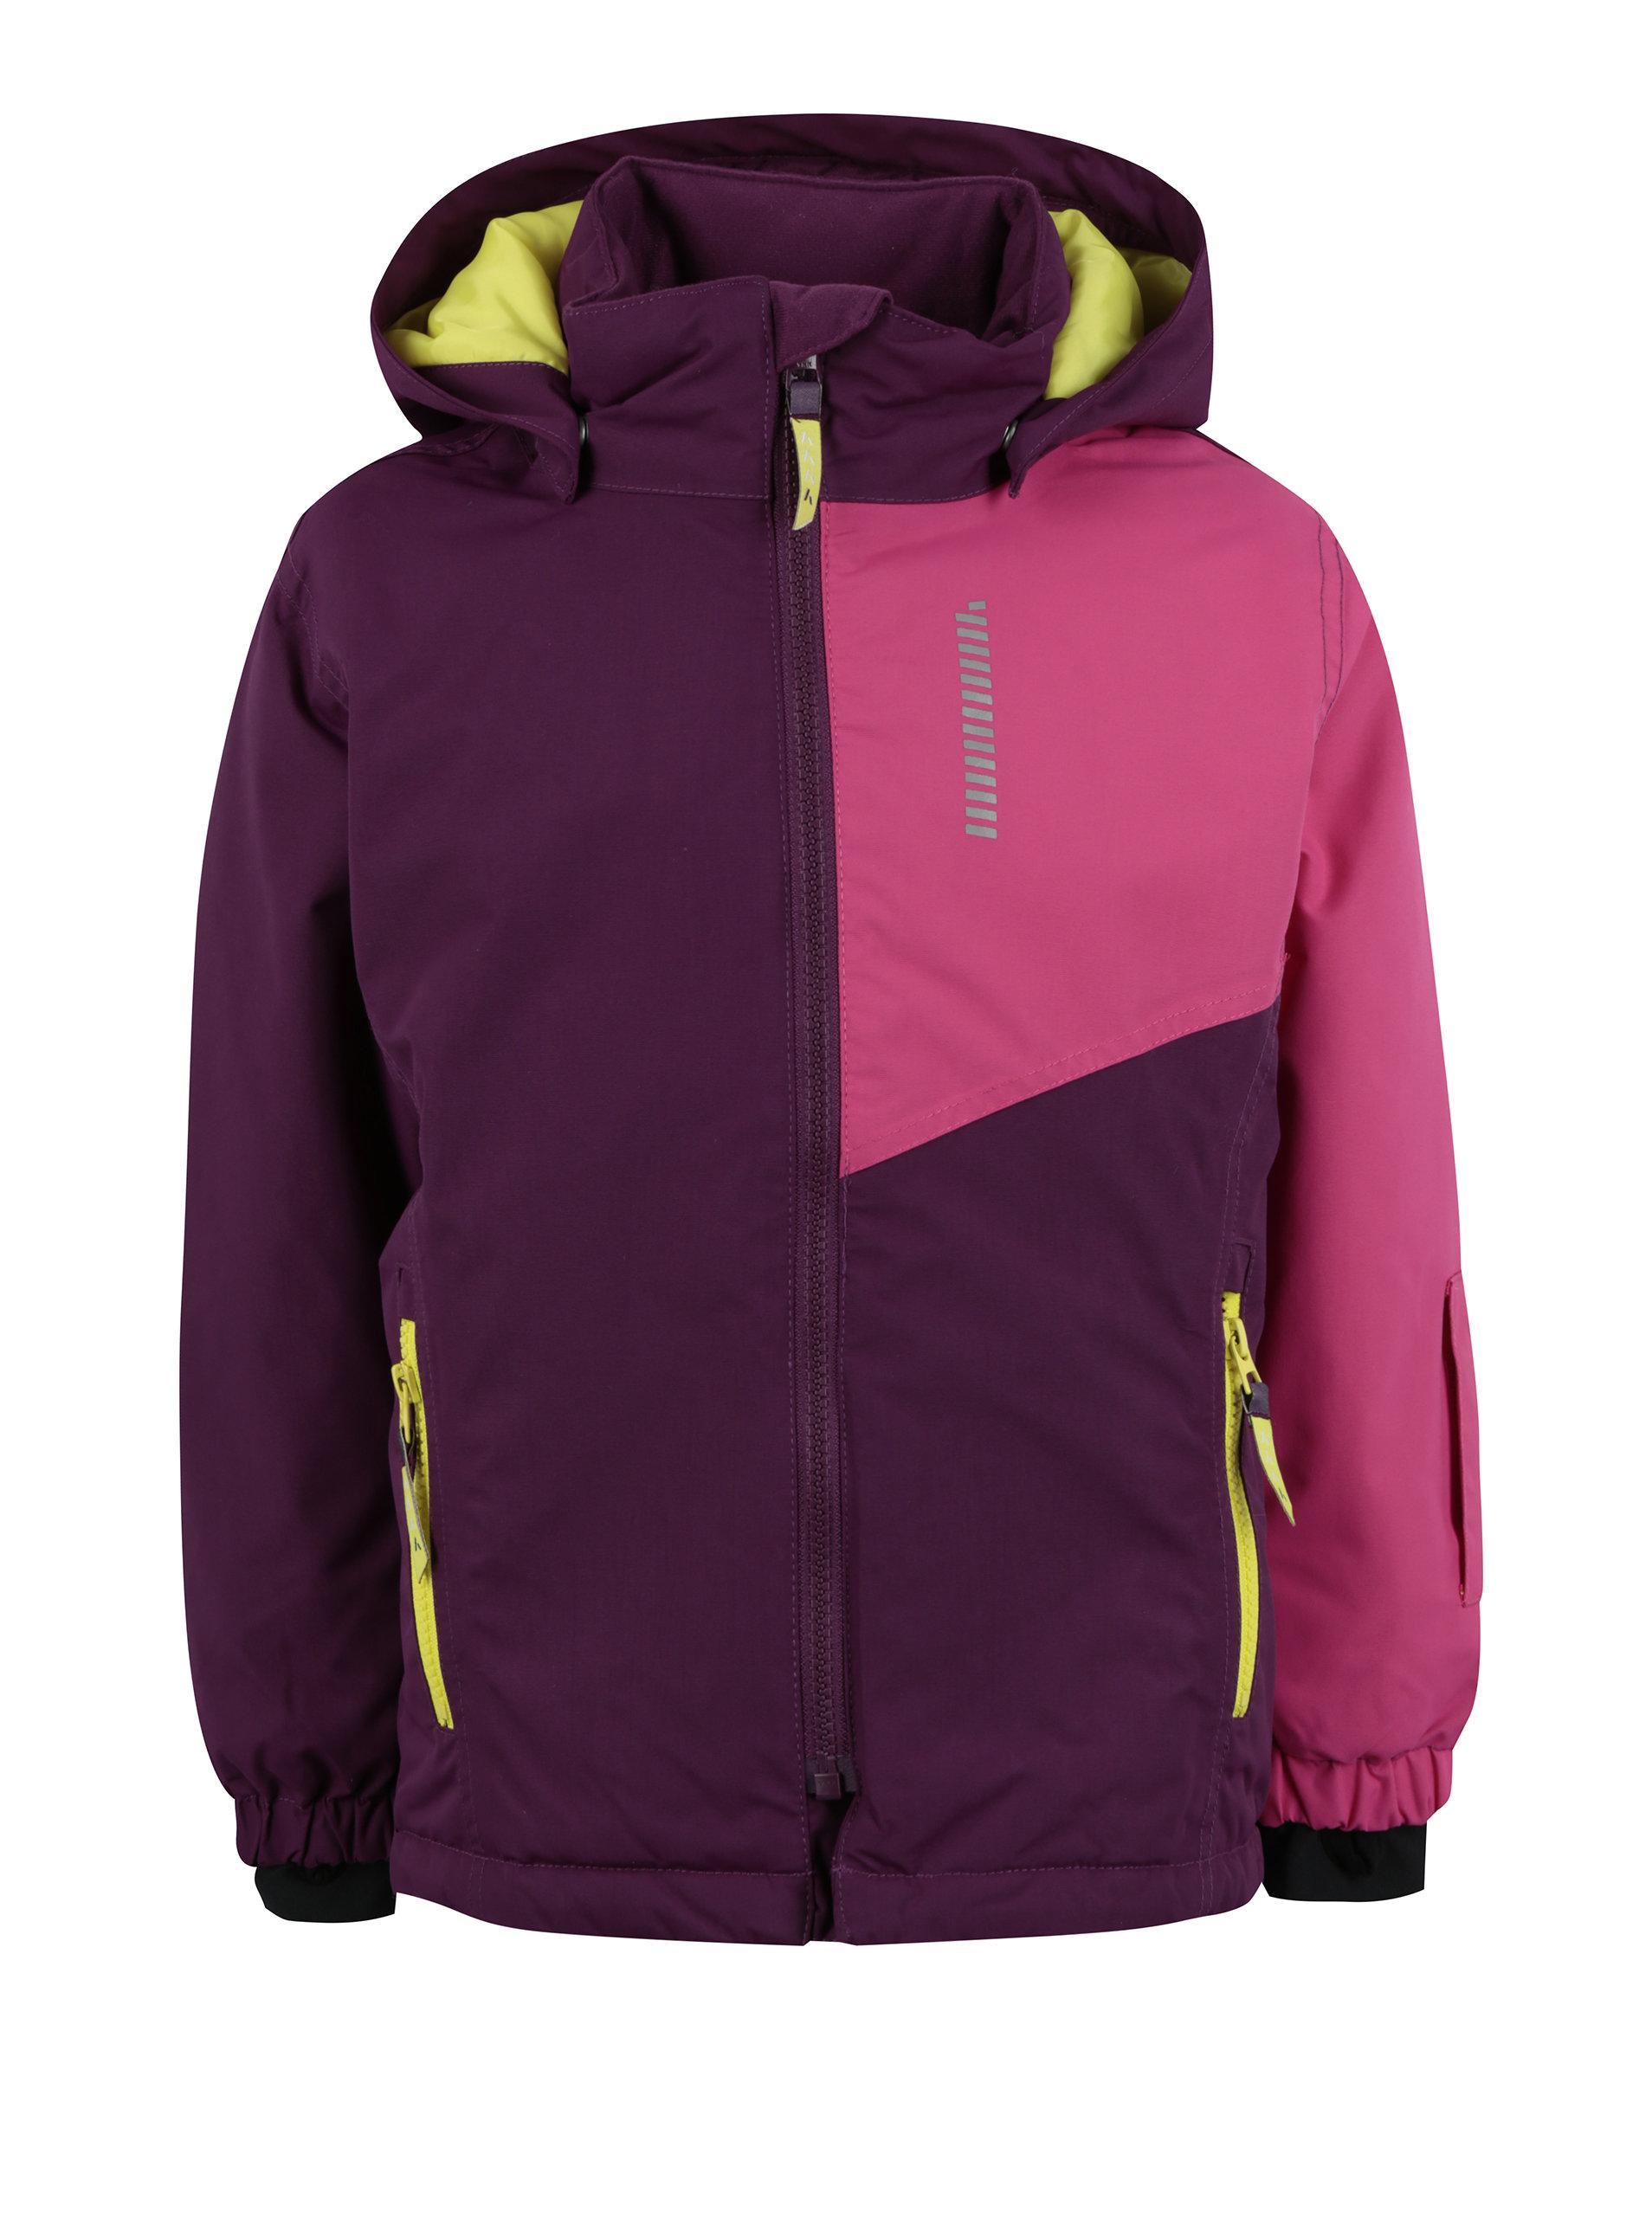 Růžovo-fialová holčičí zimní bunda Name it Storm - Akční cena ... 3f5a25df0b7